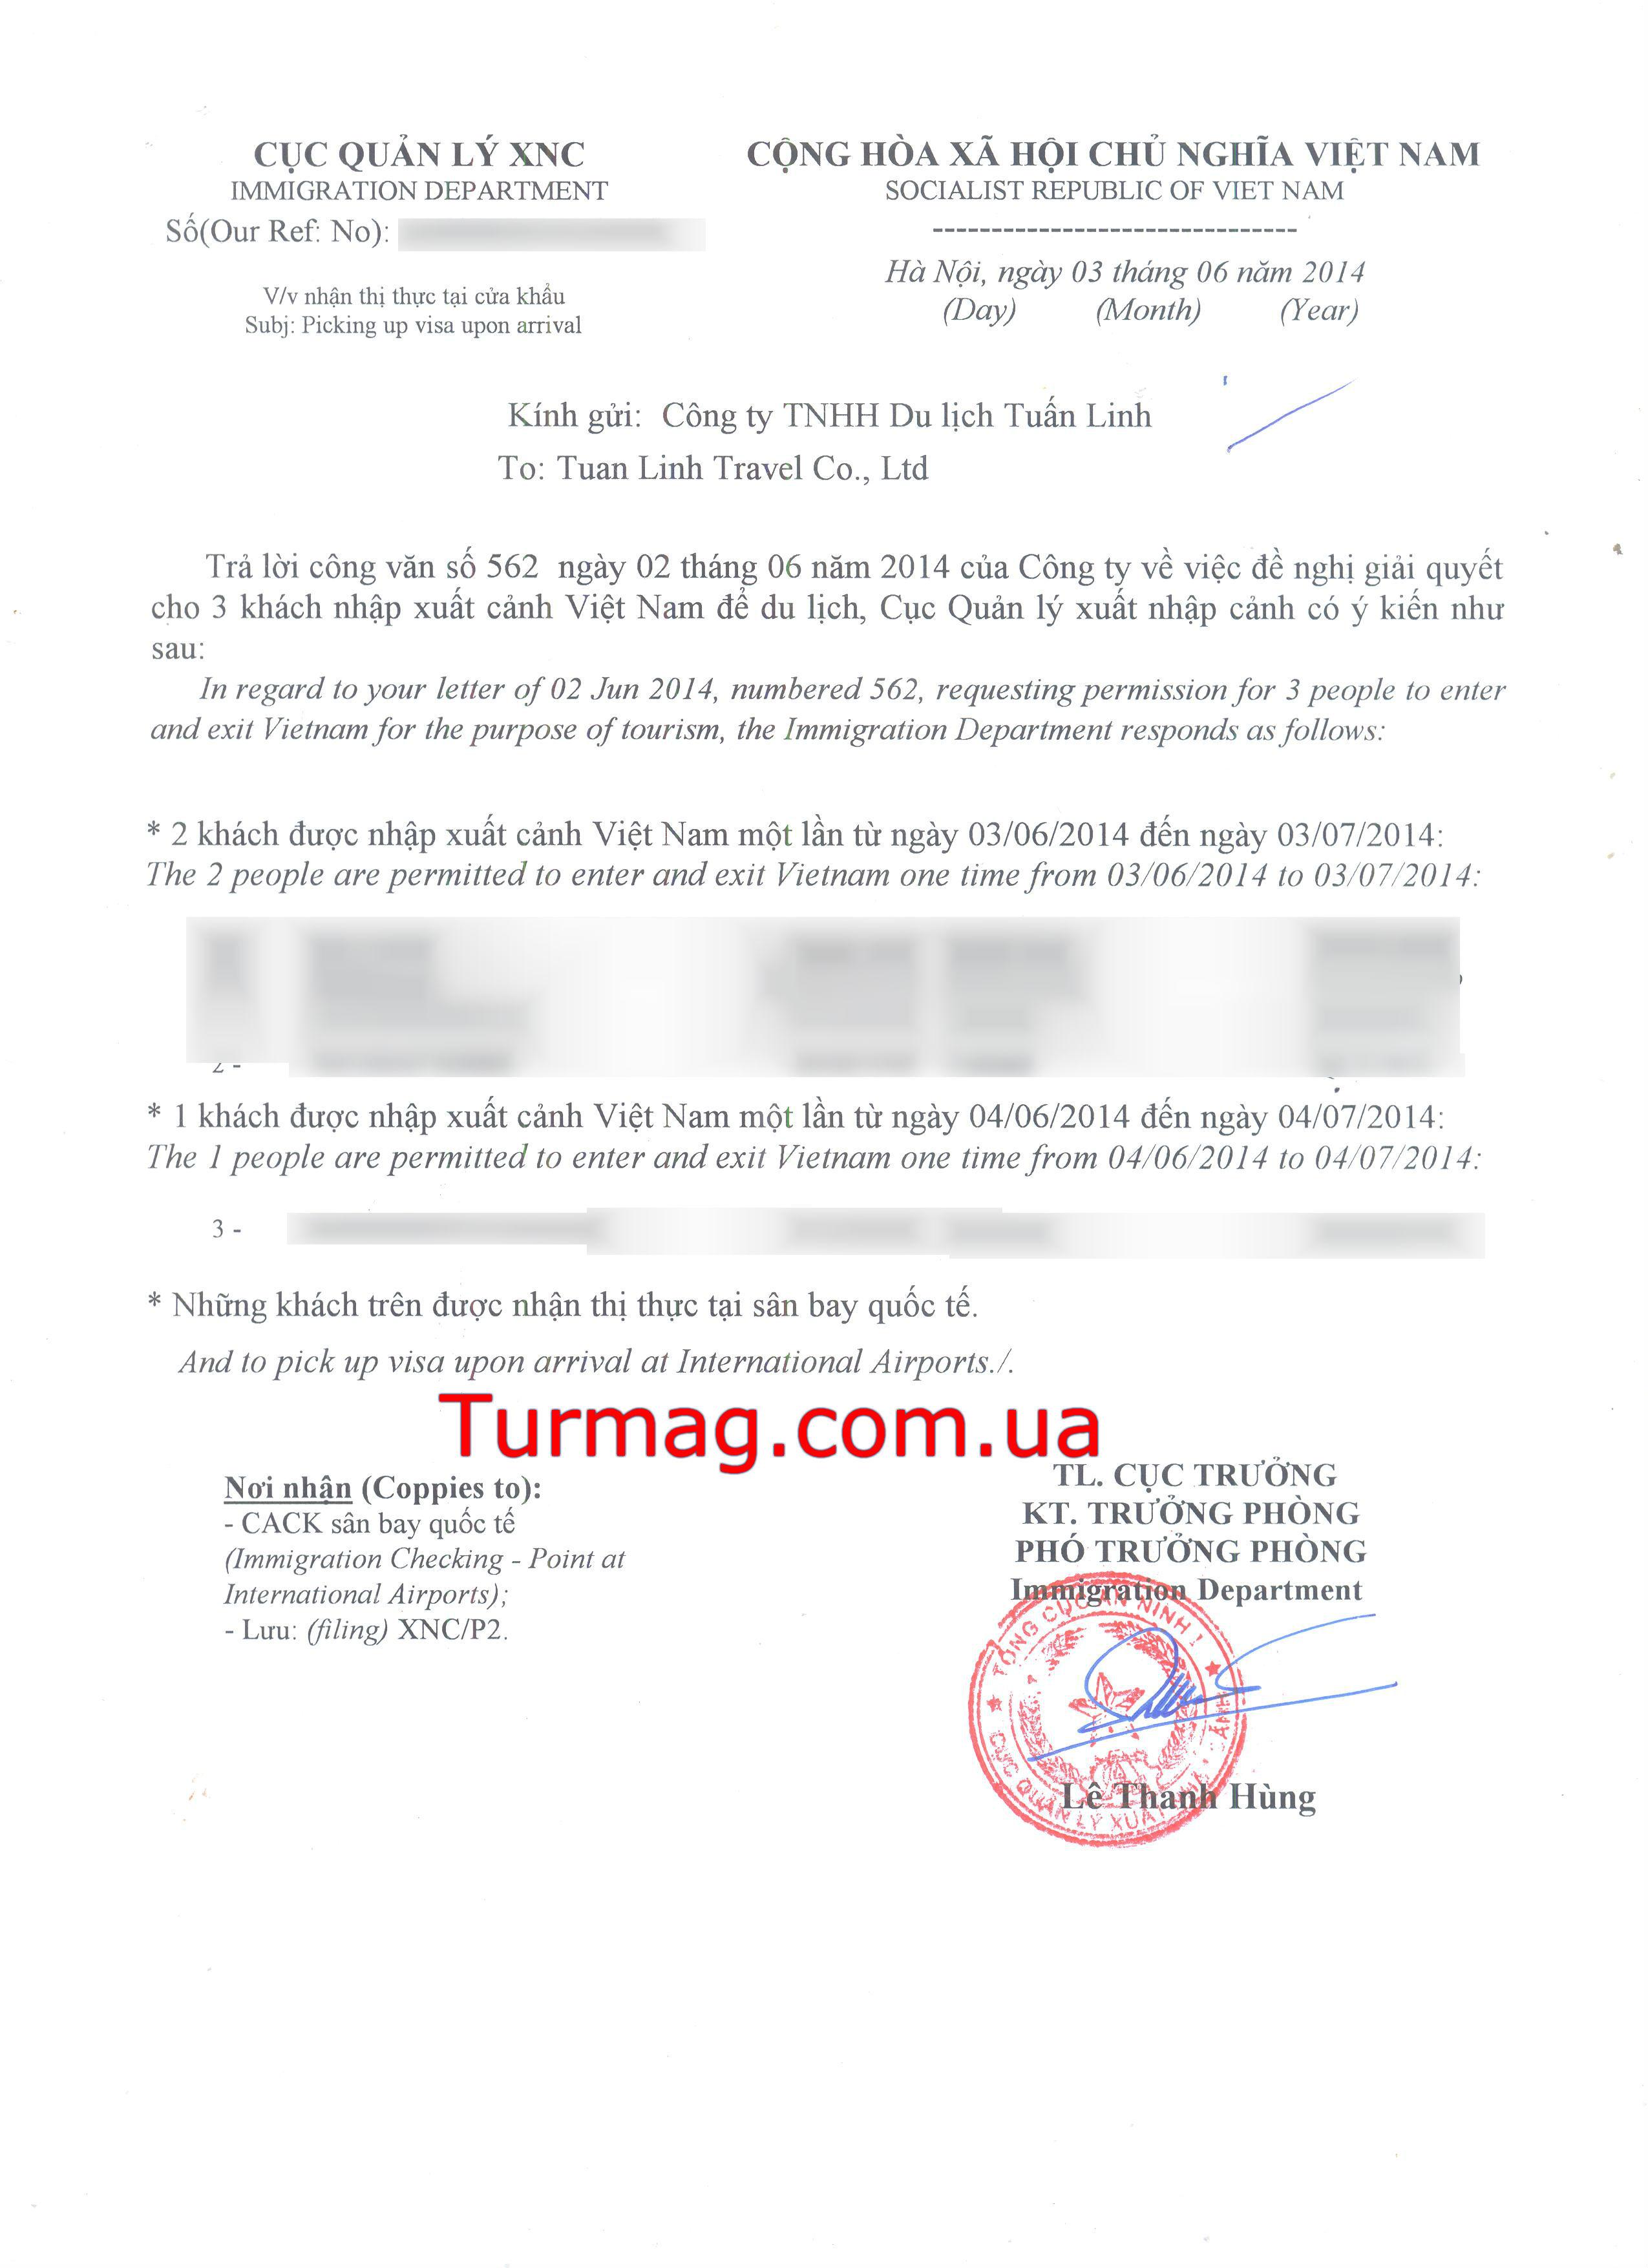 Внешний вид электронной визы во Вьетнам